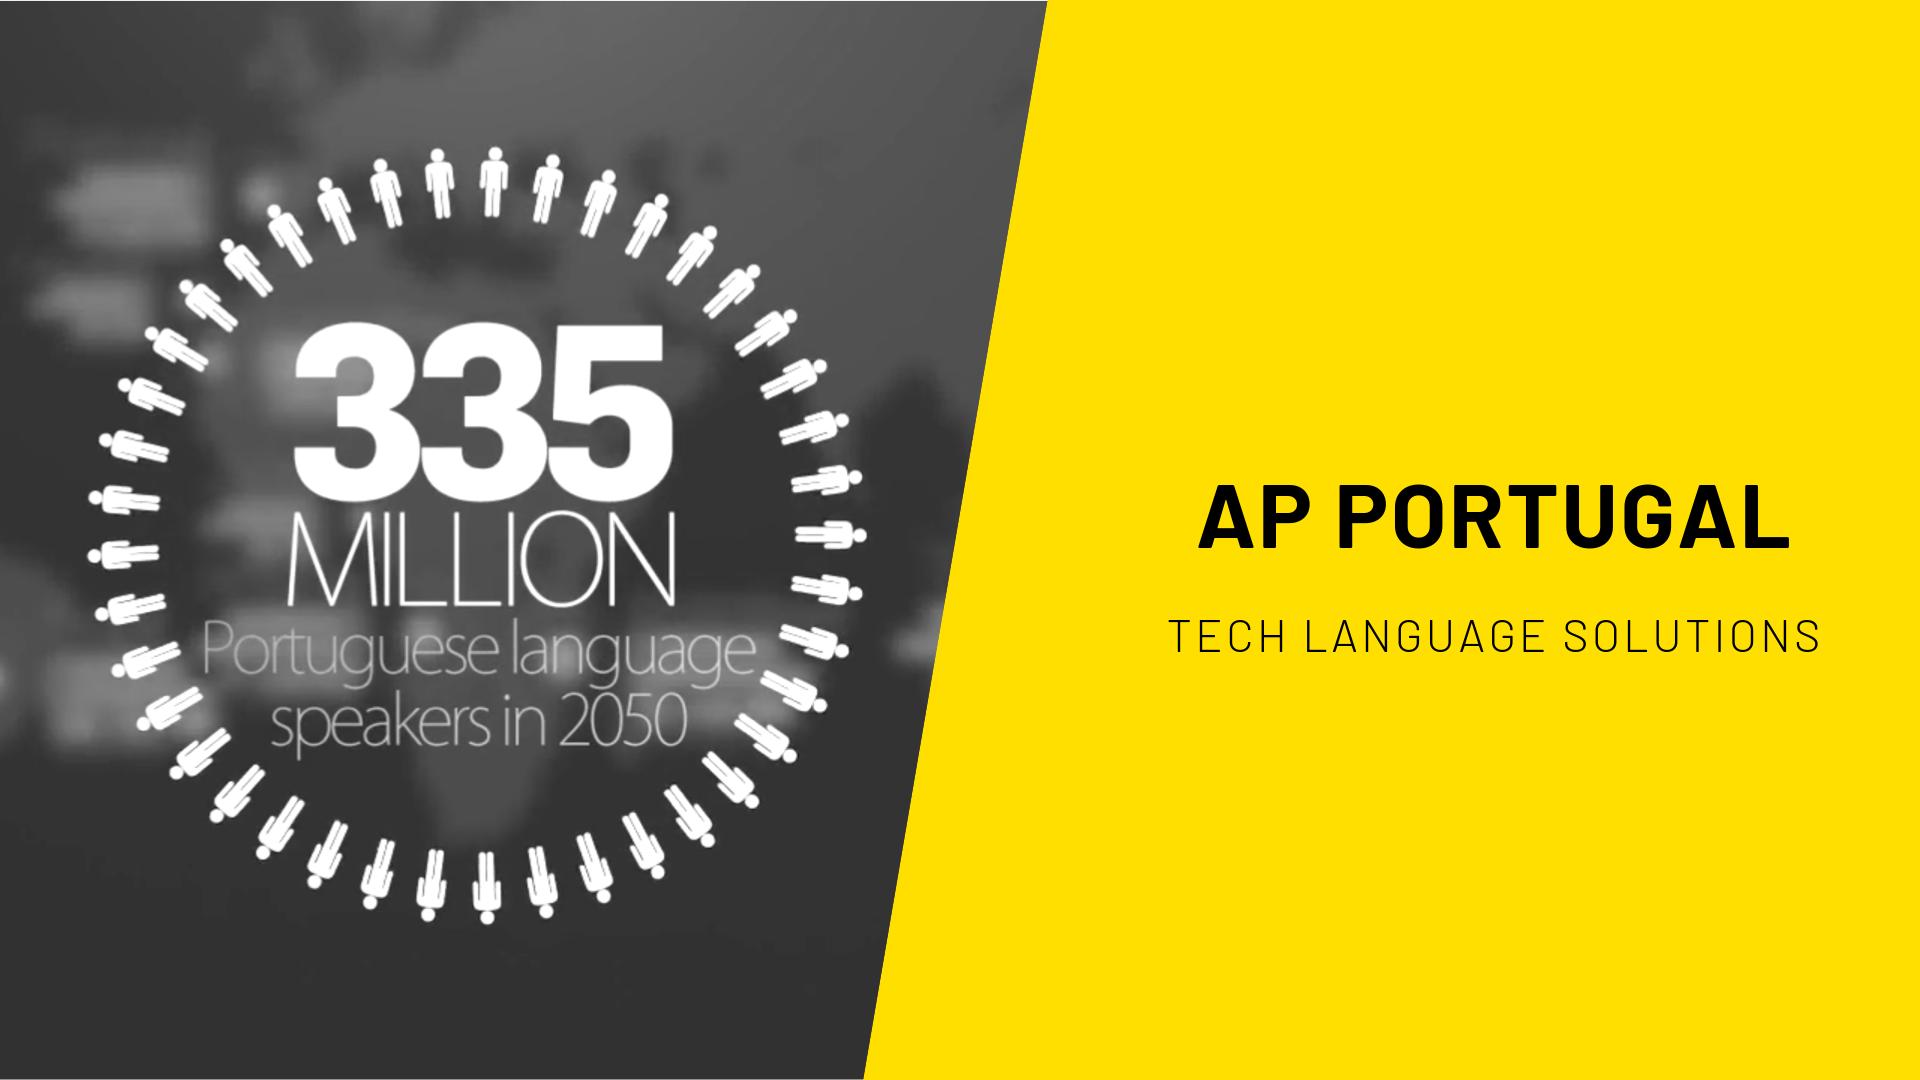 AP _ Portugal - Tech Language Solutions